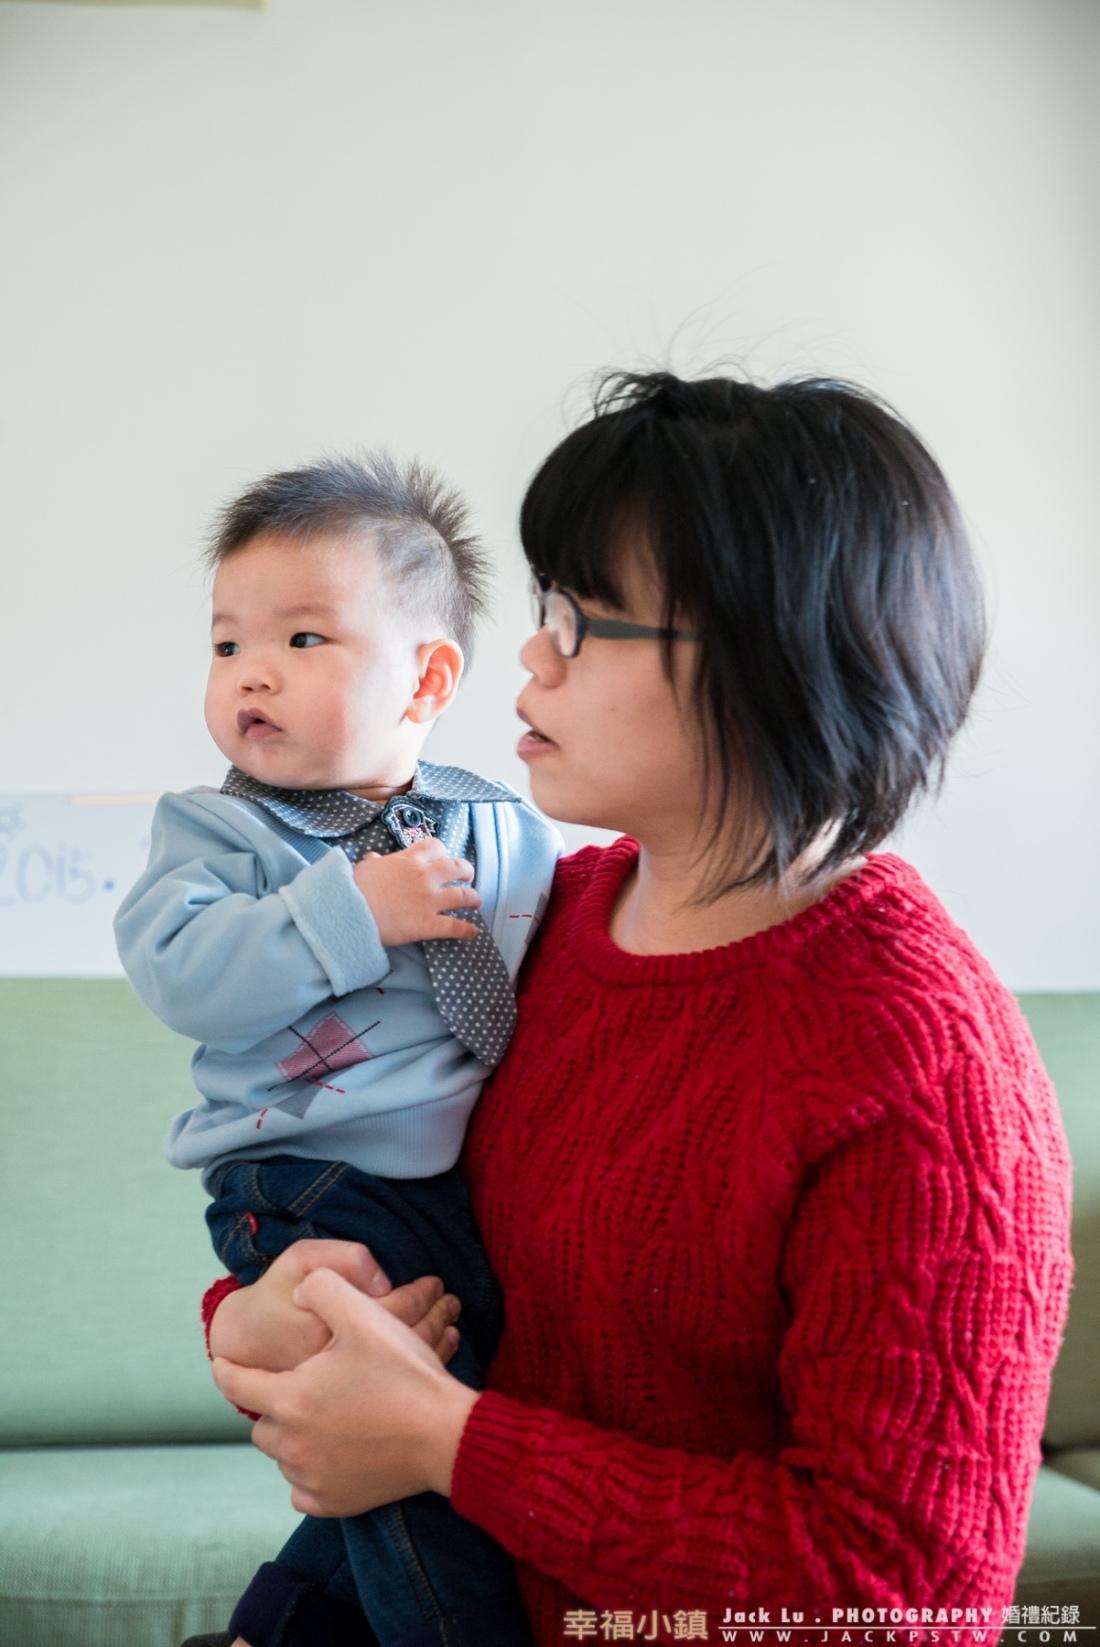 寶寶與母親的合照